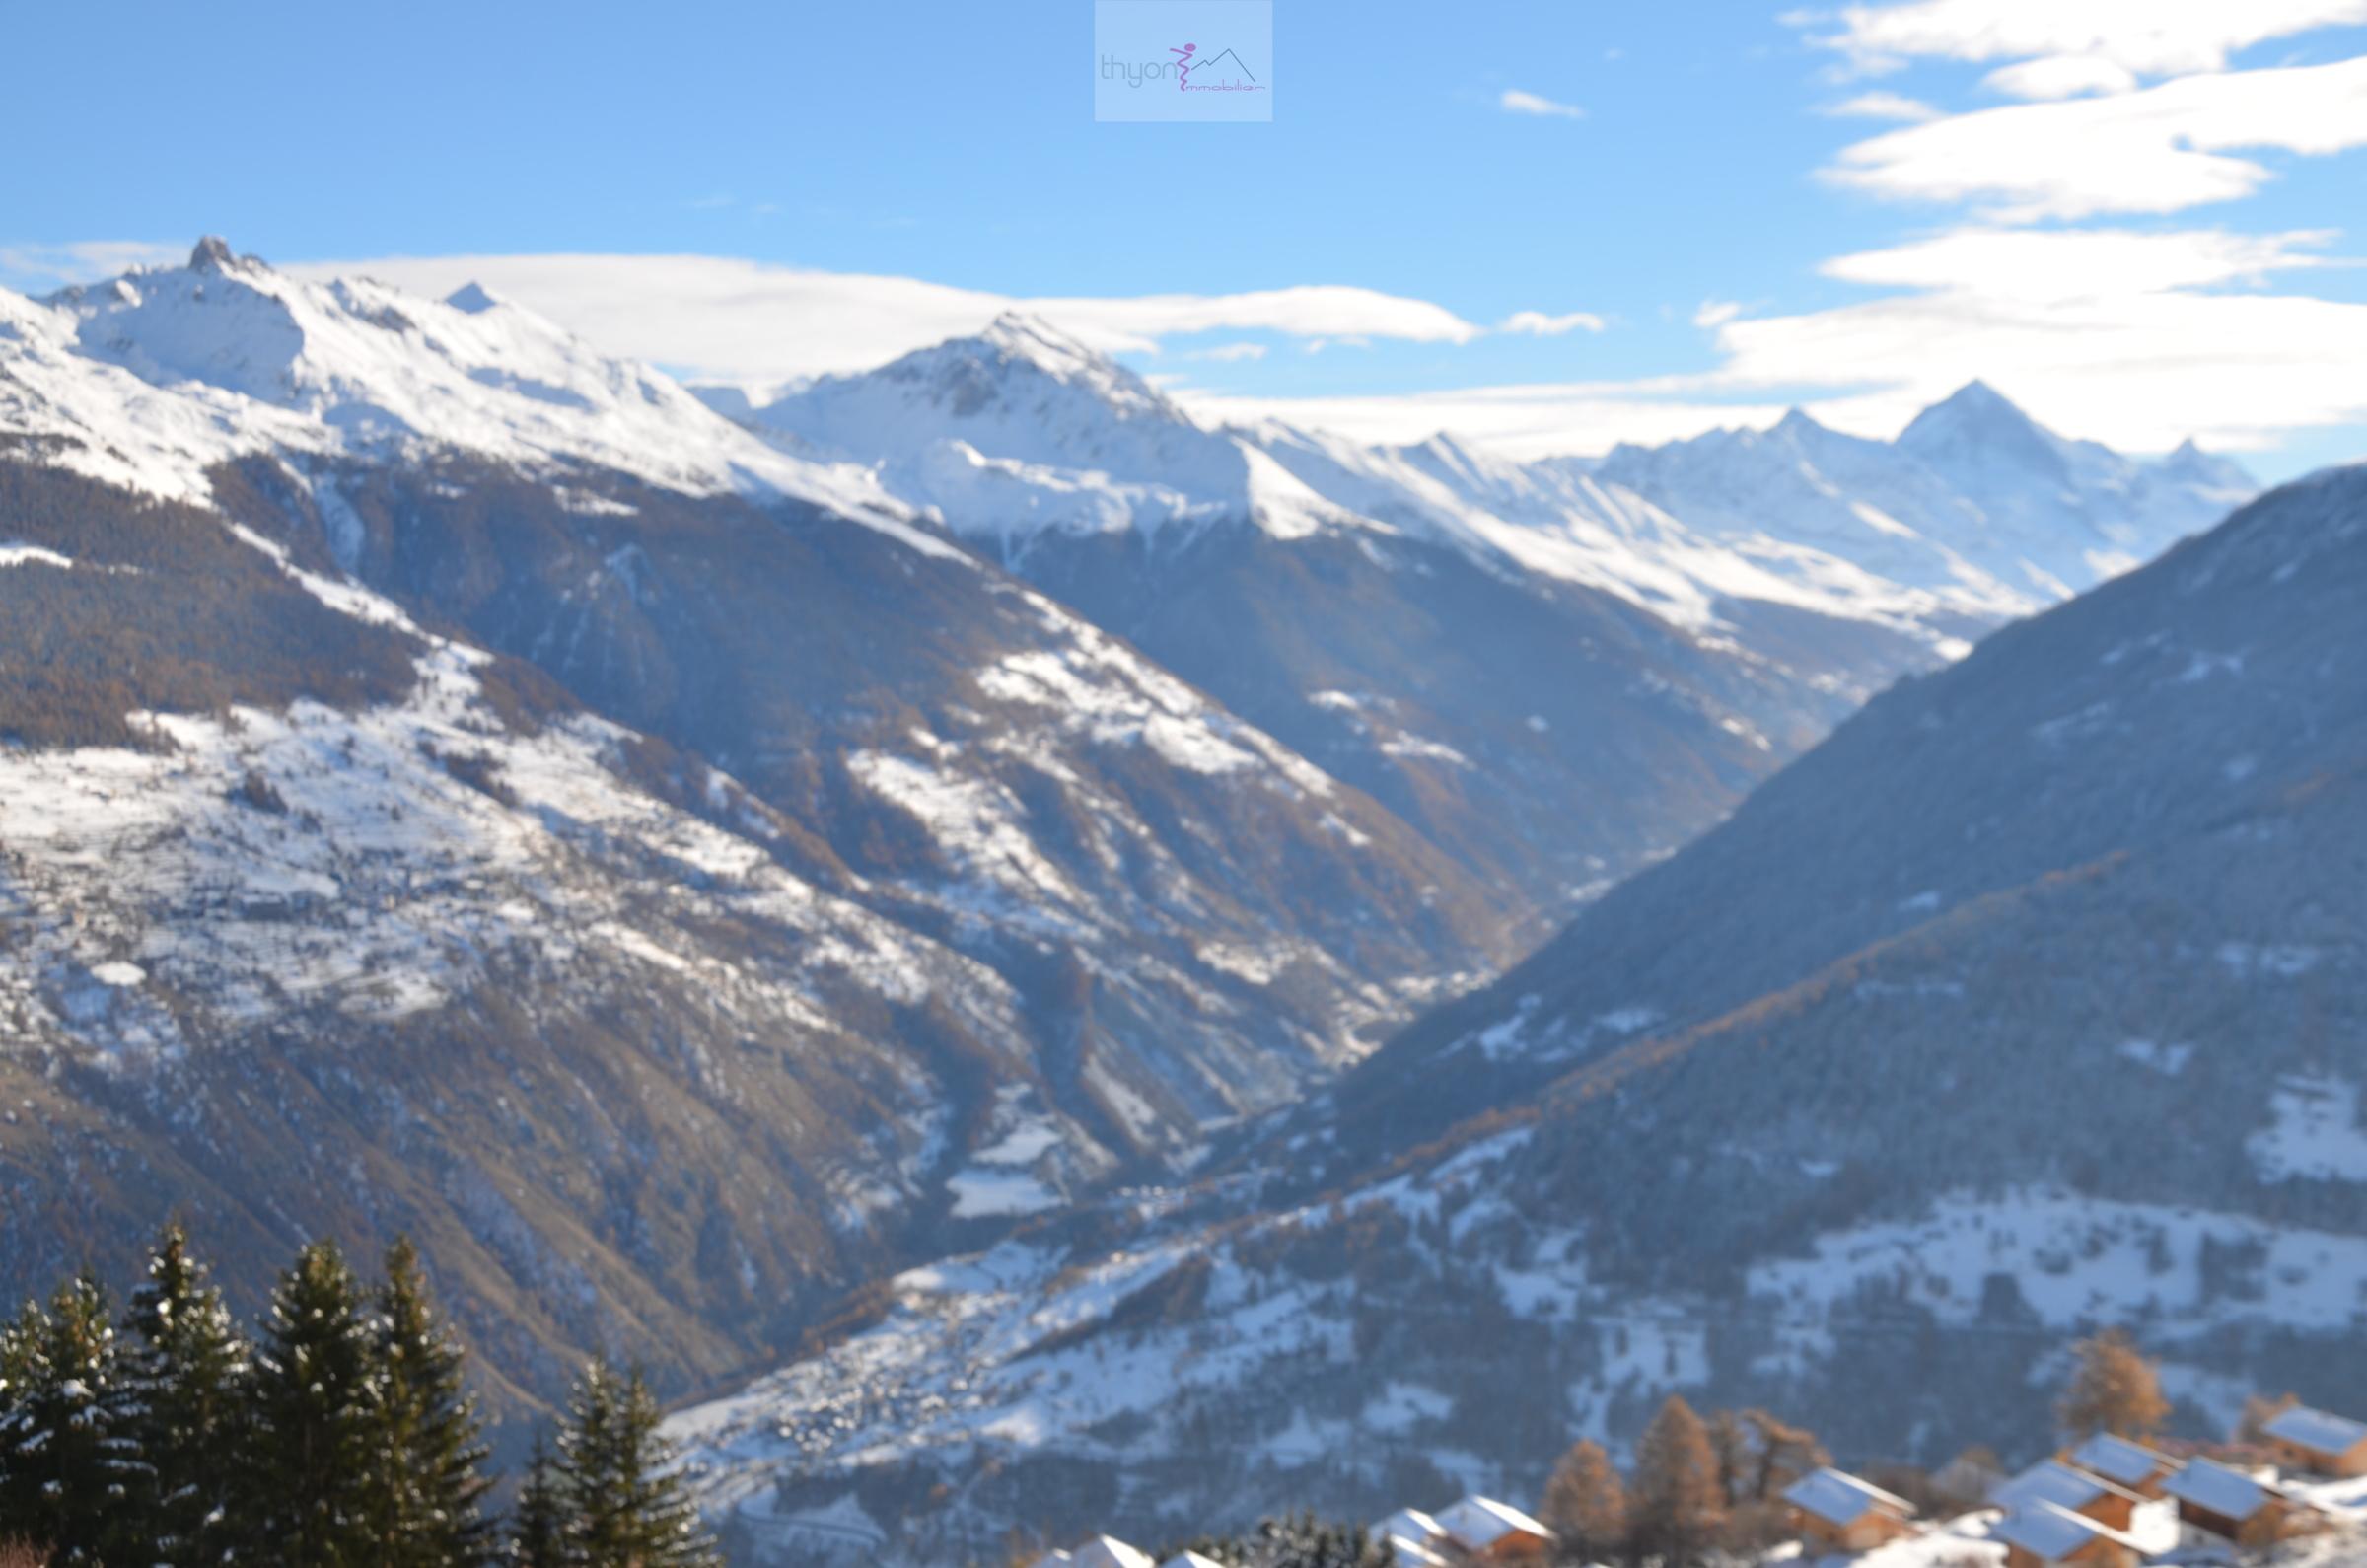 Appartement de vacances Panorama 80 (1947995), Thyon-Les Collons, 4 Vallées, Valais, Suisse, image 7